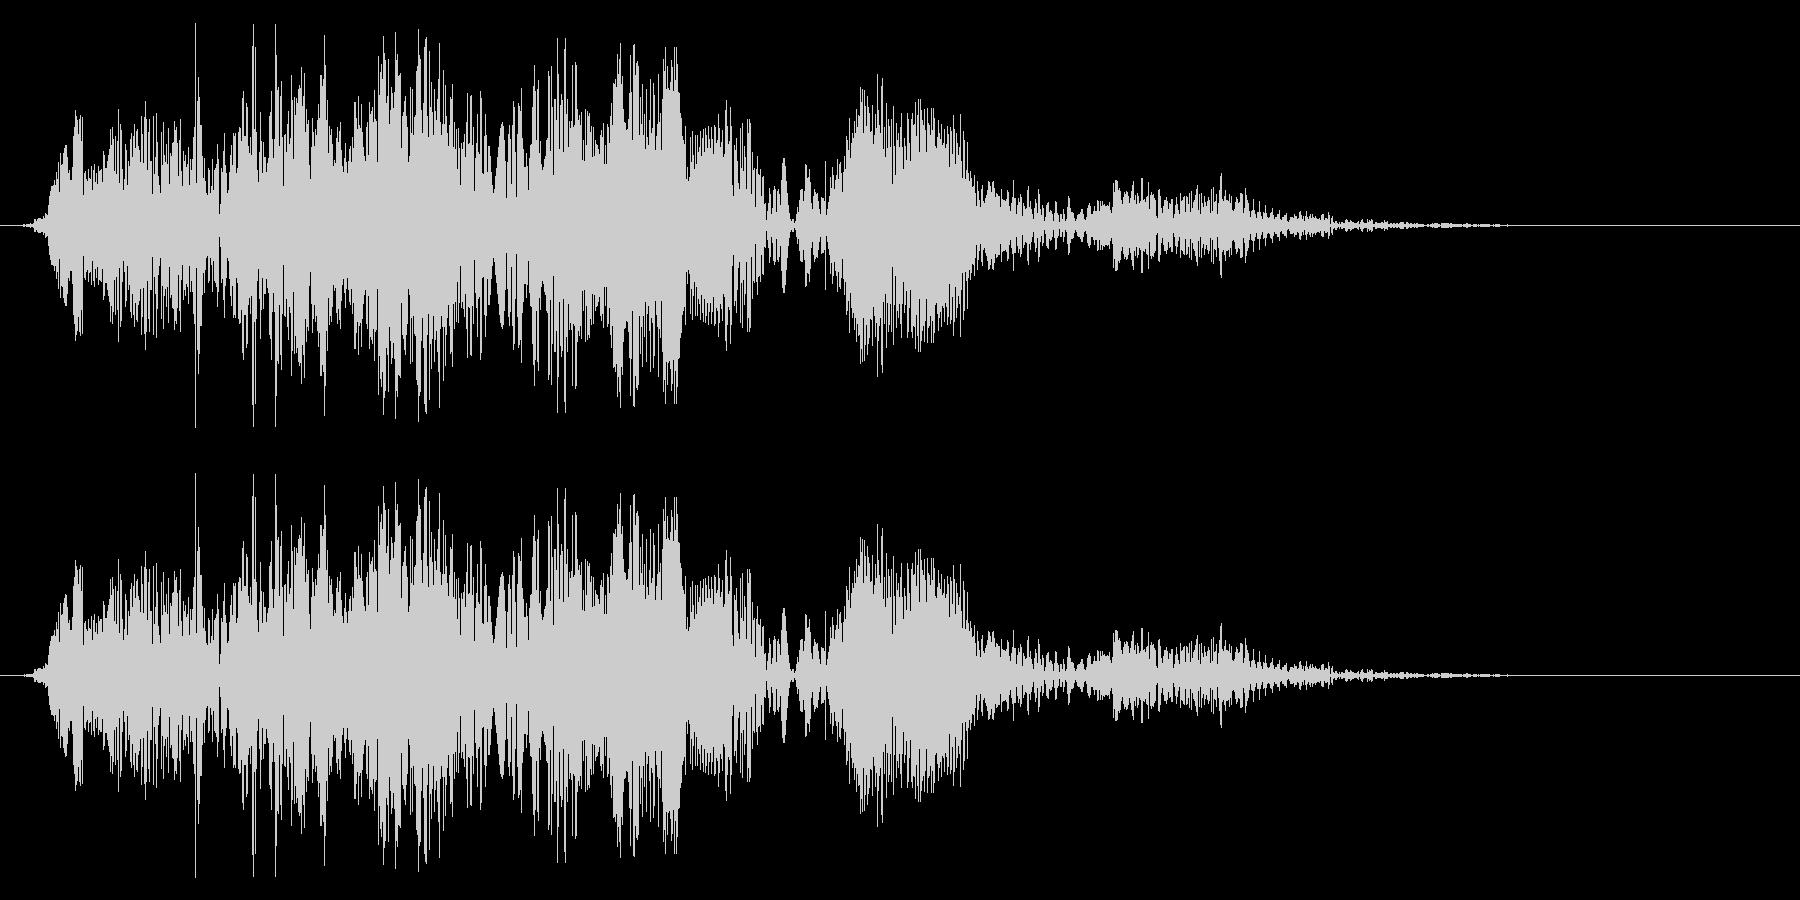 チュチュキュワッワ(鳴き声系)の未再生の波形